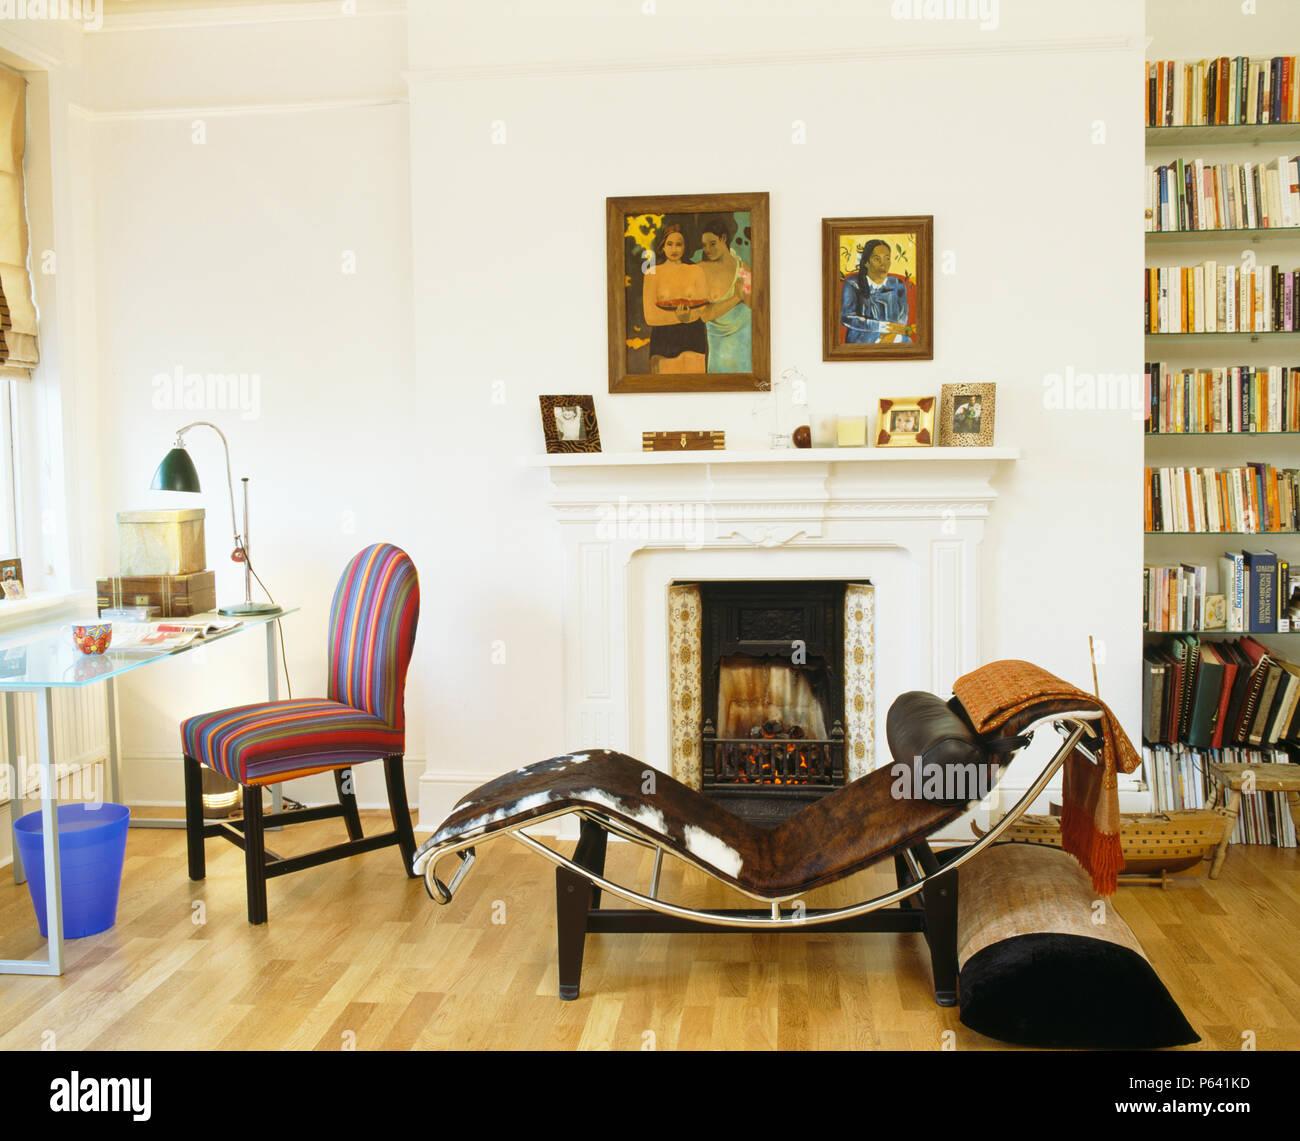 Salotto Le Corbusier.Le Corbusier In Pelle Nera E Cromo Chaiselongue In Moderno